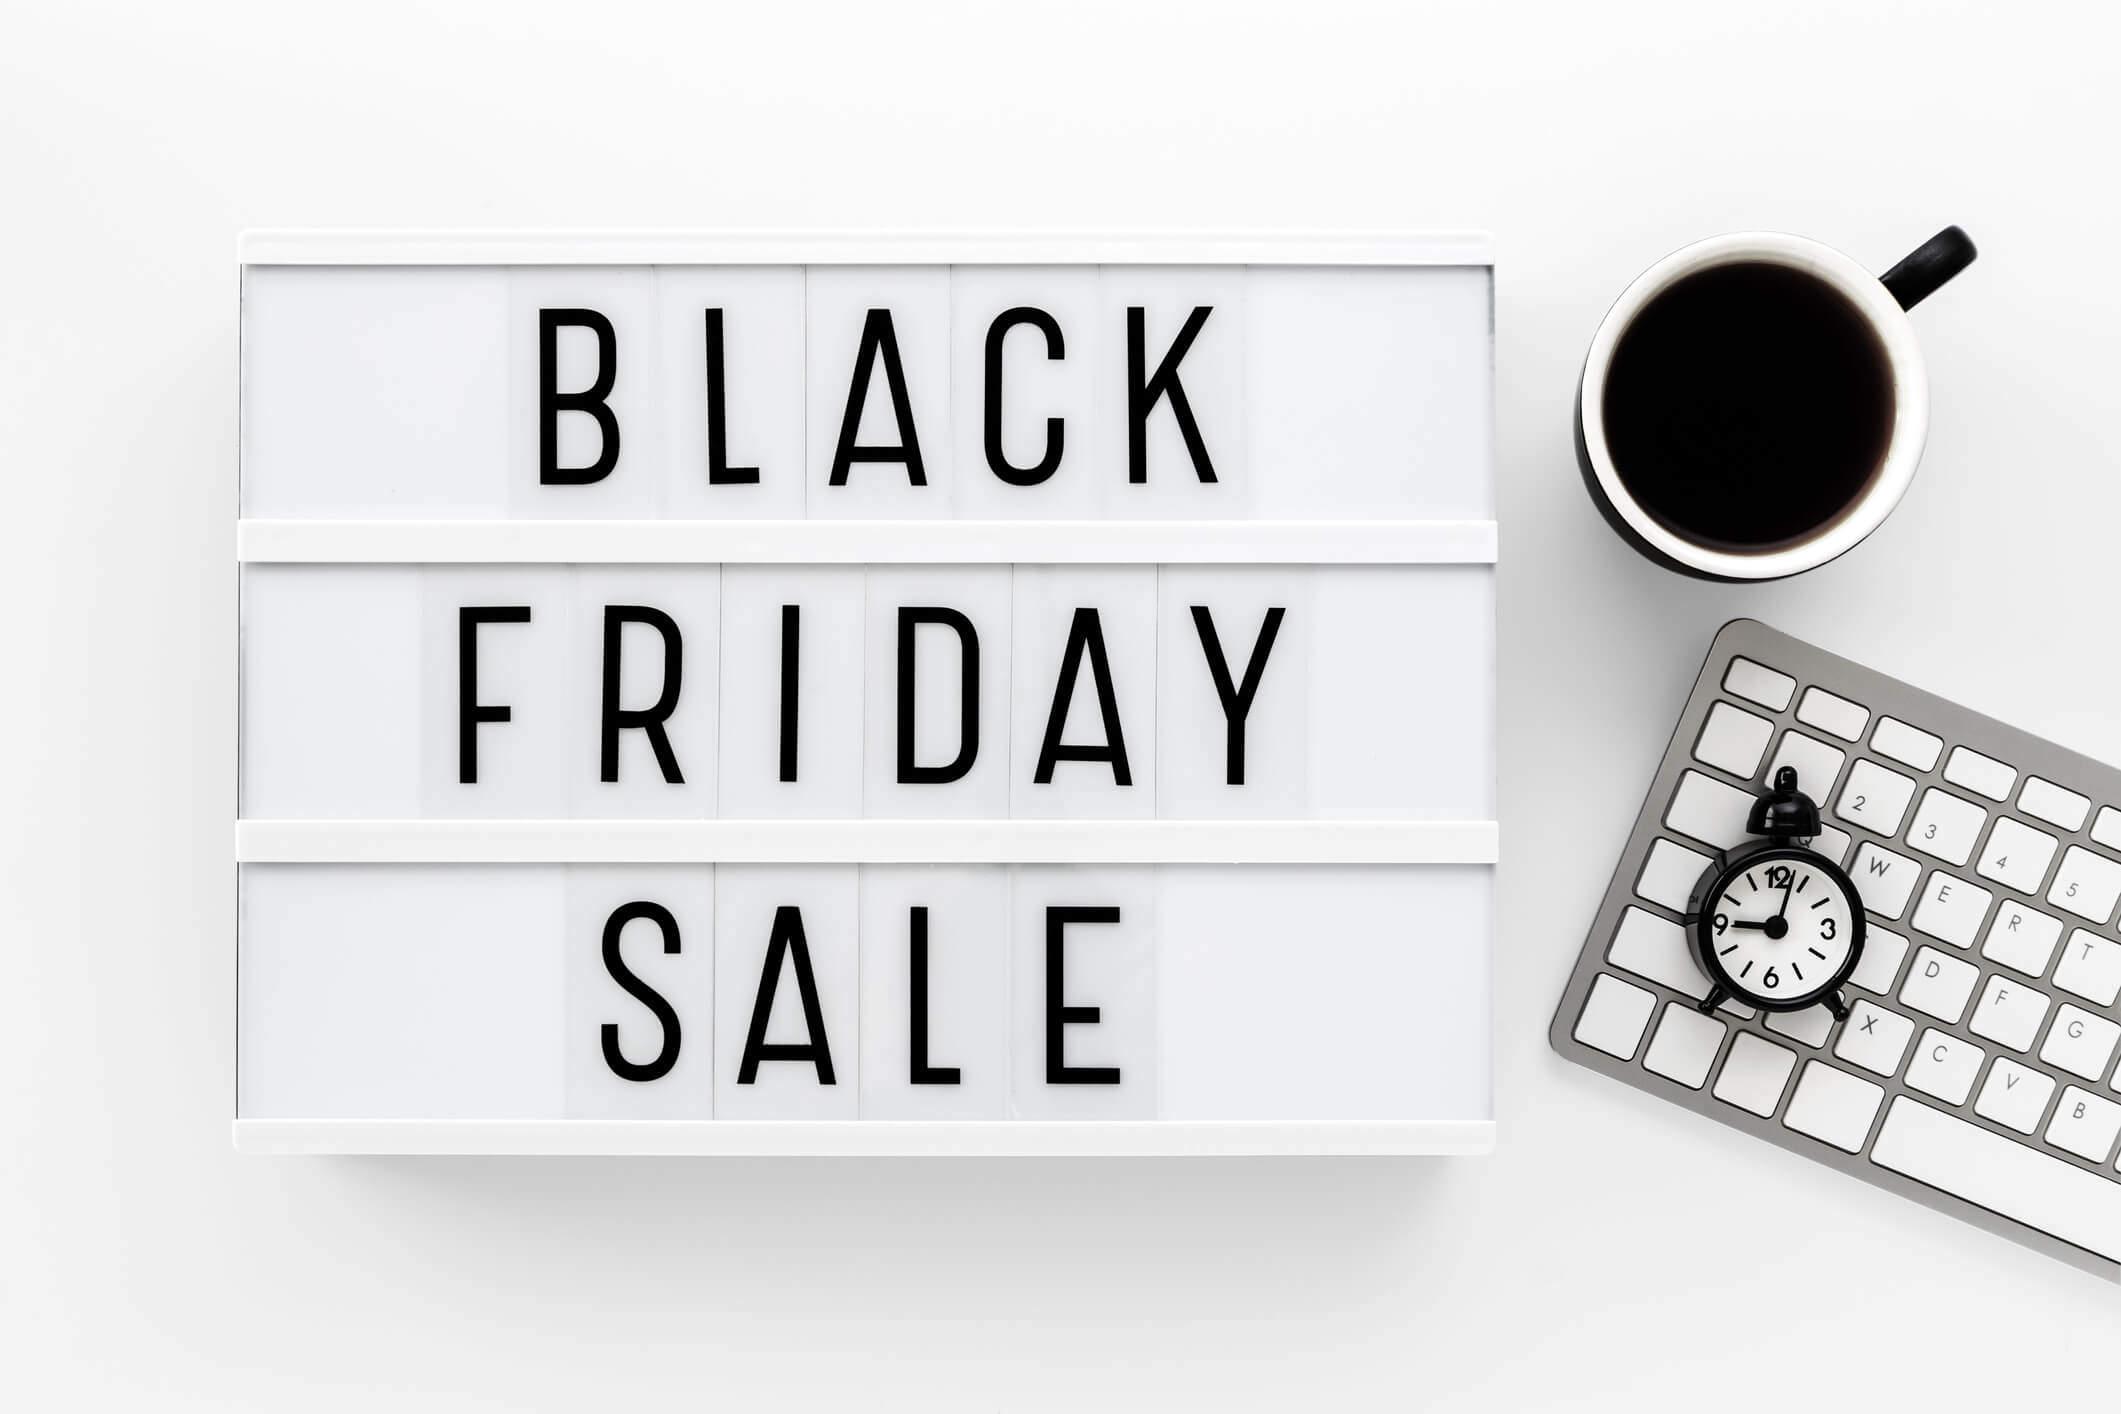 Black Friday, comment bien préparer son site e-commerce